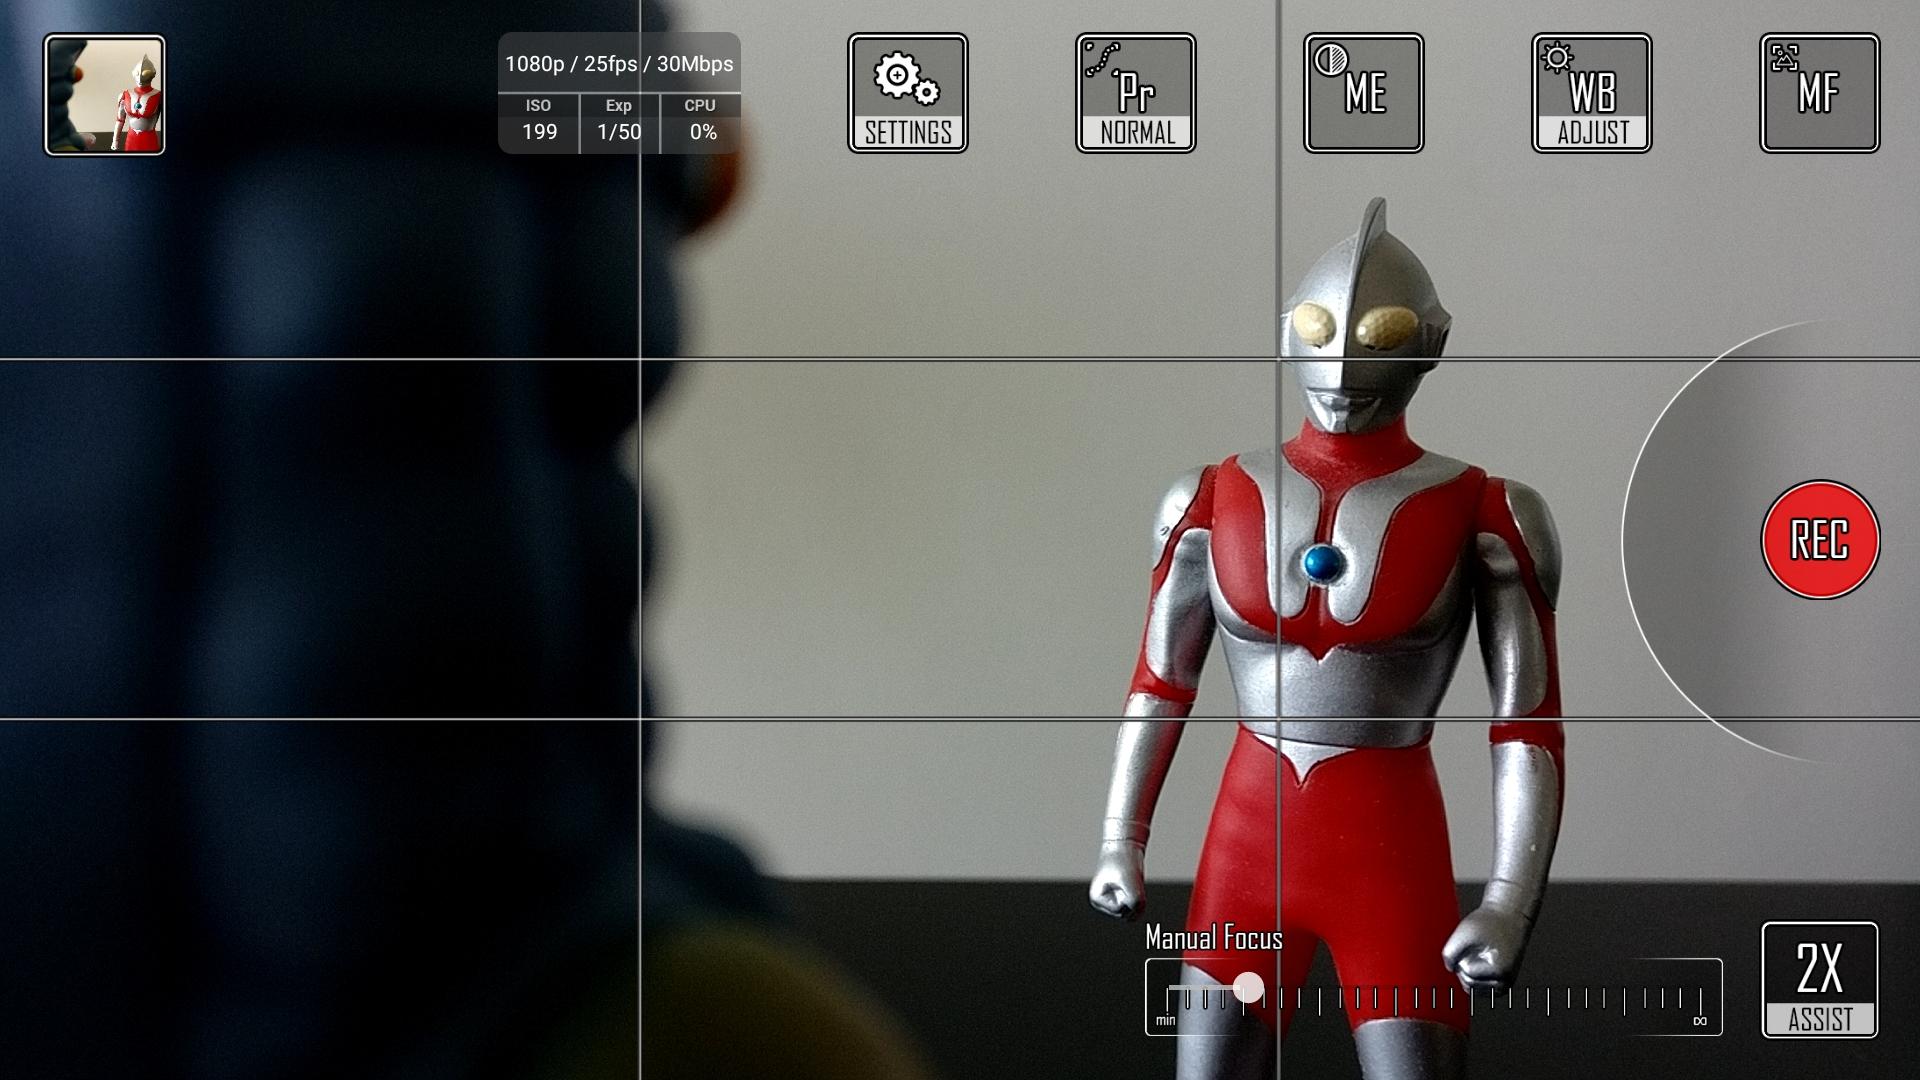 Bild Kamerabildschrim bei Videoaufzeichnung